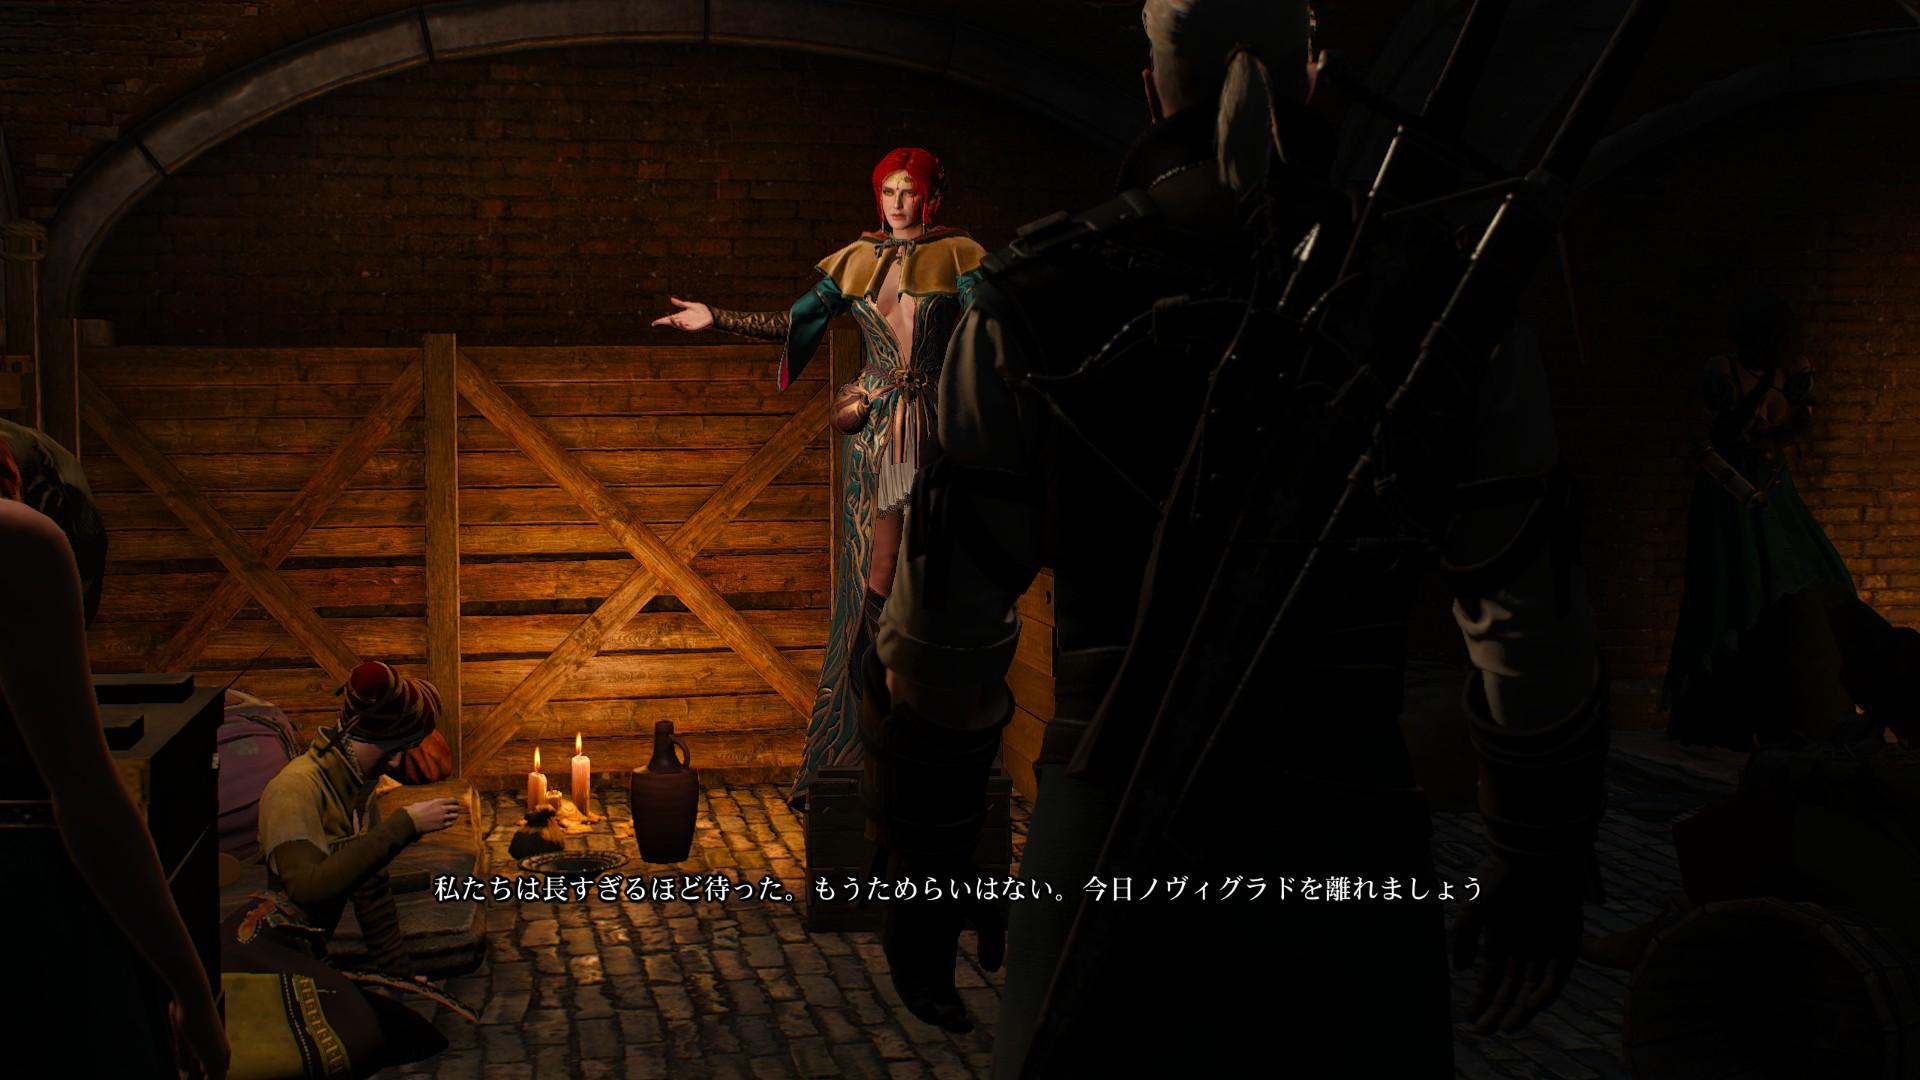 witcher3_17.jpg